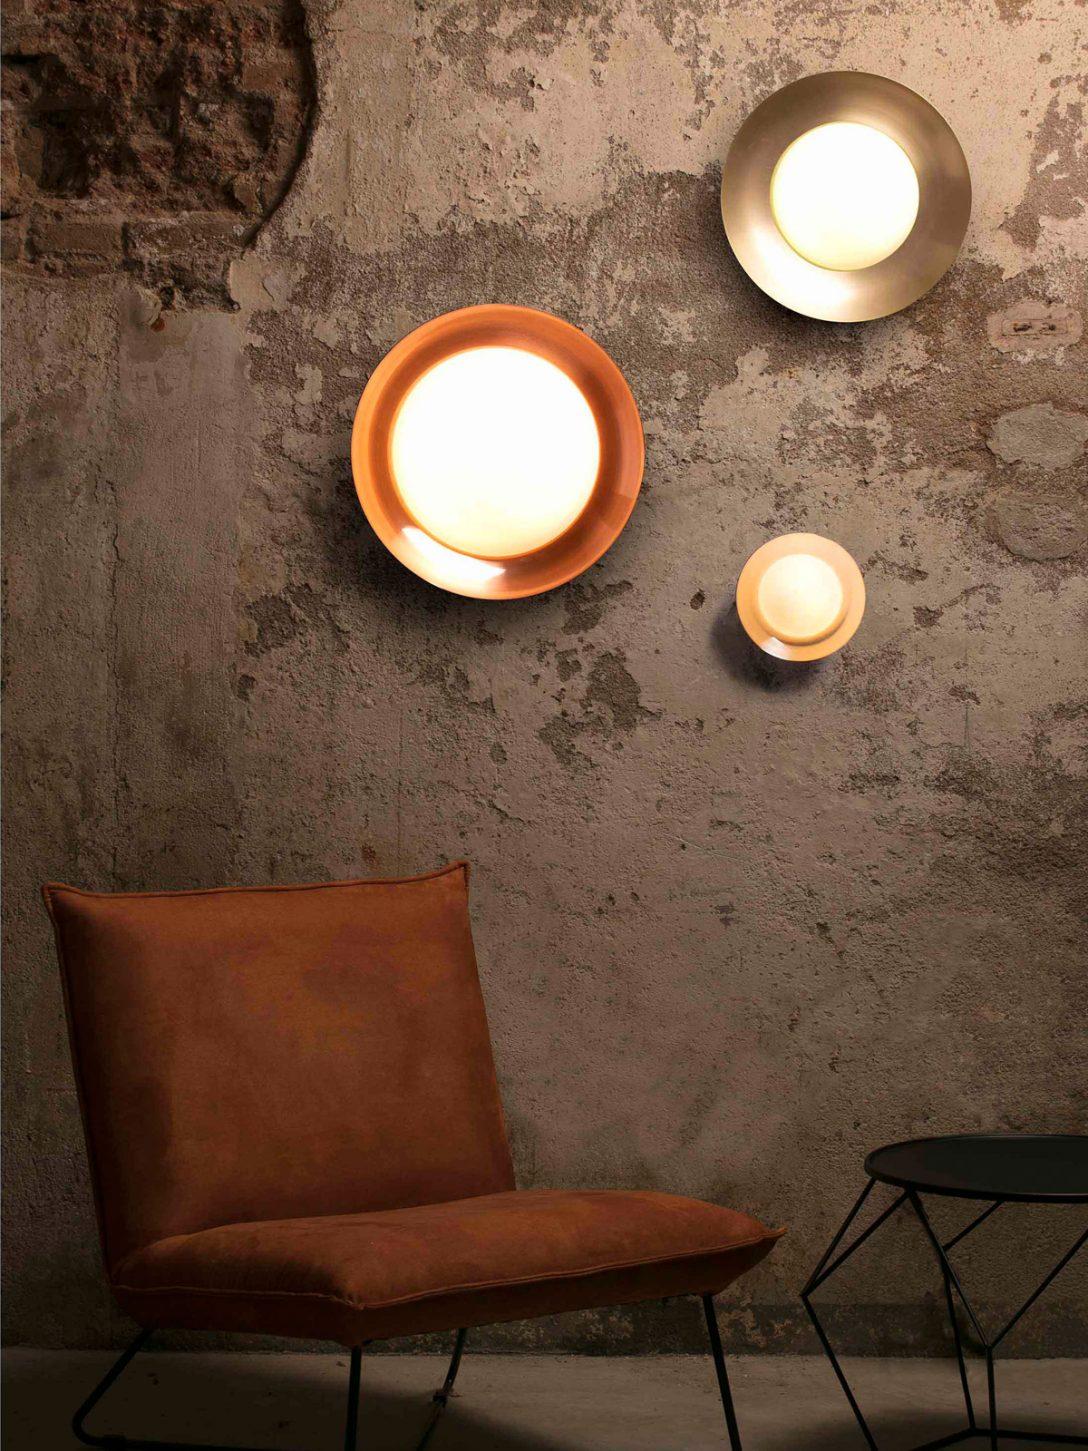 Large Size of Deckenlampen Wohnzimmer Designer Regale Badezimmer Lampen Esstisch Küche Bad Led Betten Esstische Für Modern Schlafzimmer Stehlampen Wohnzimmer Designer Lampen